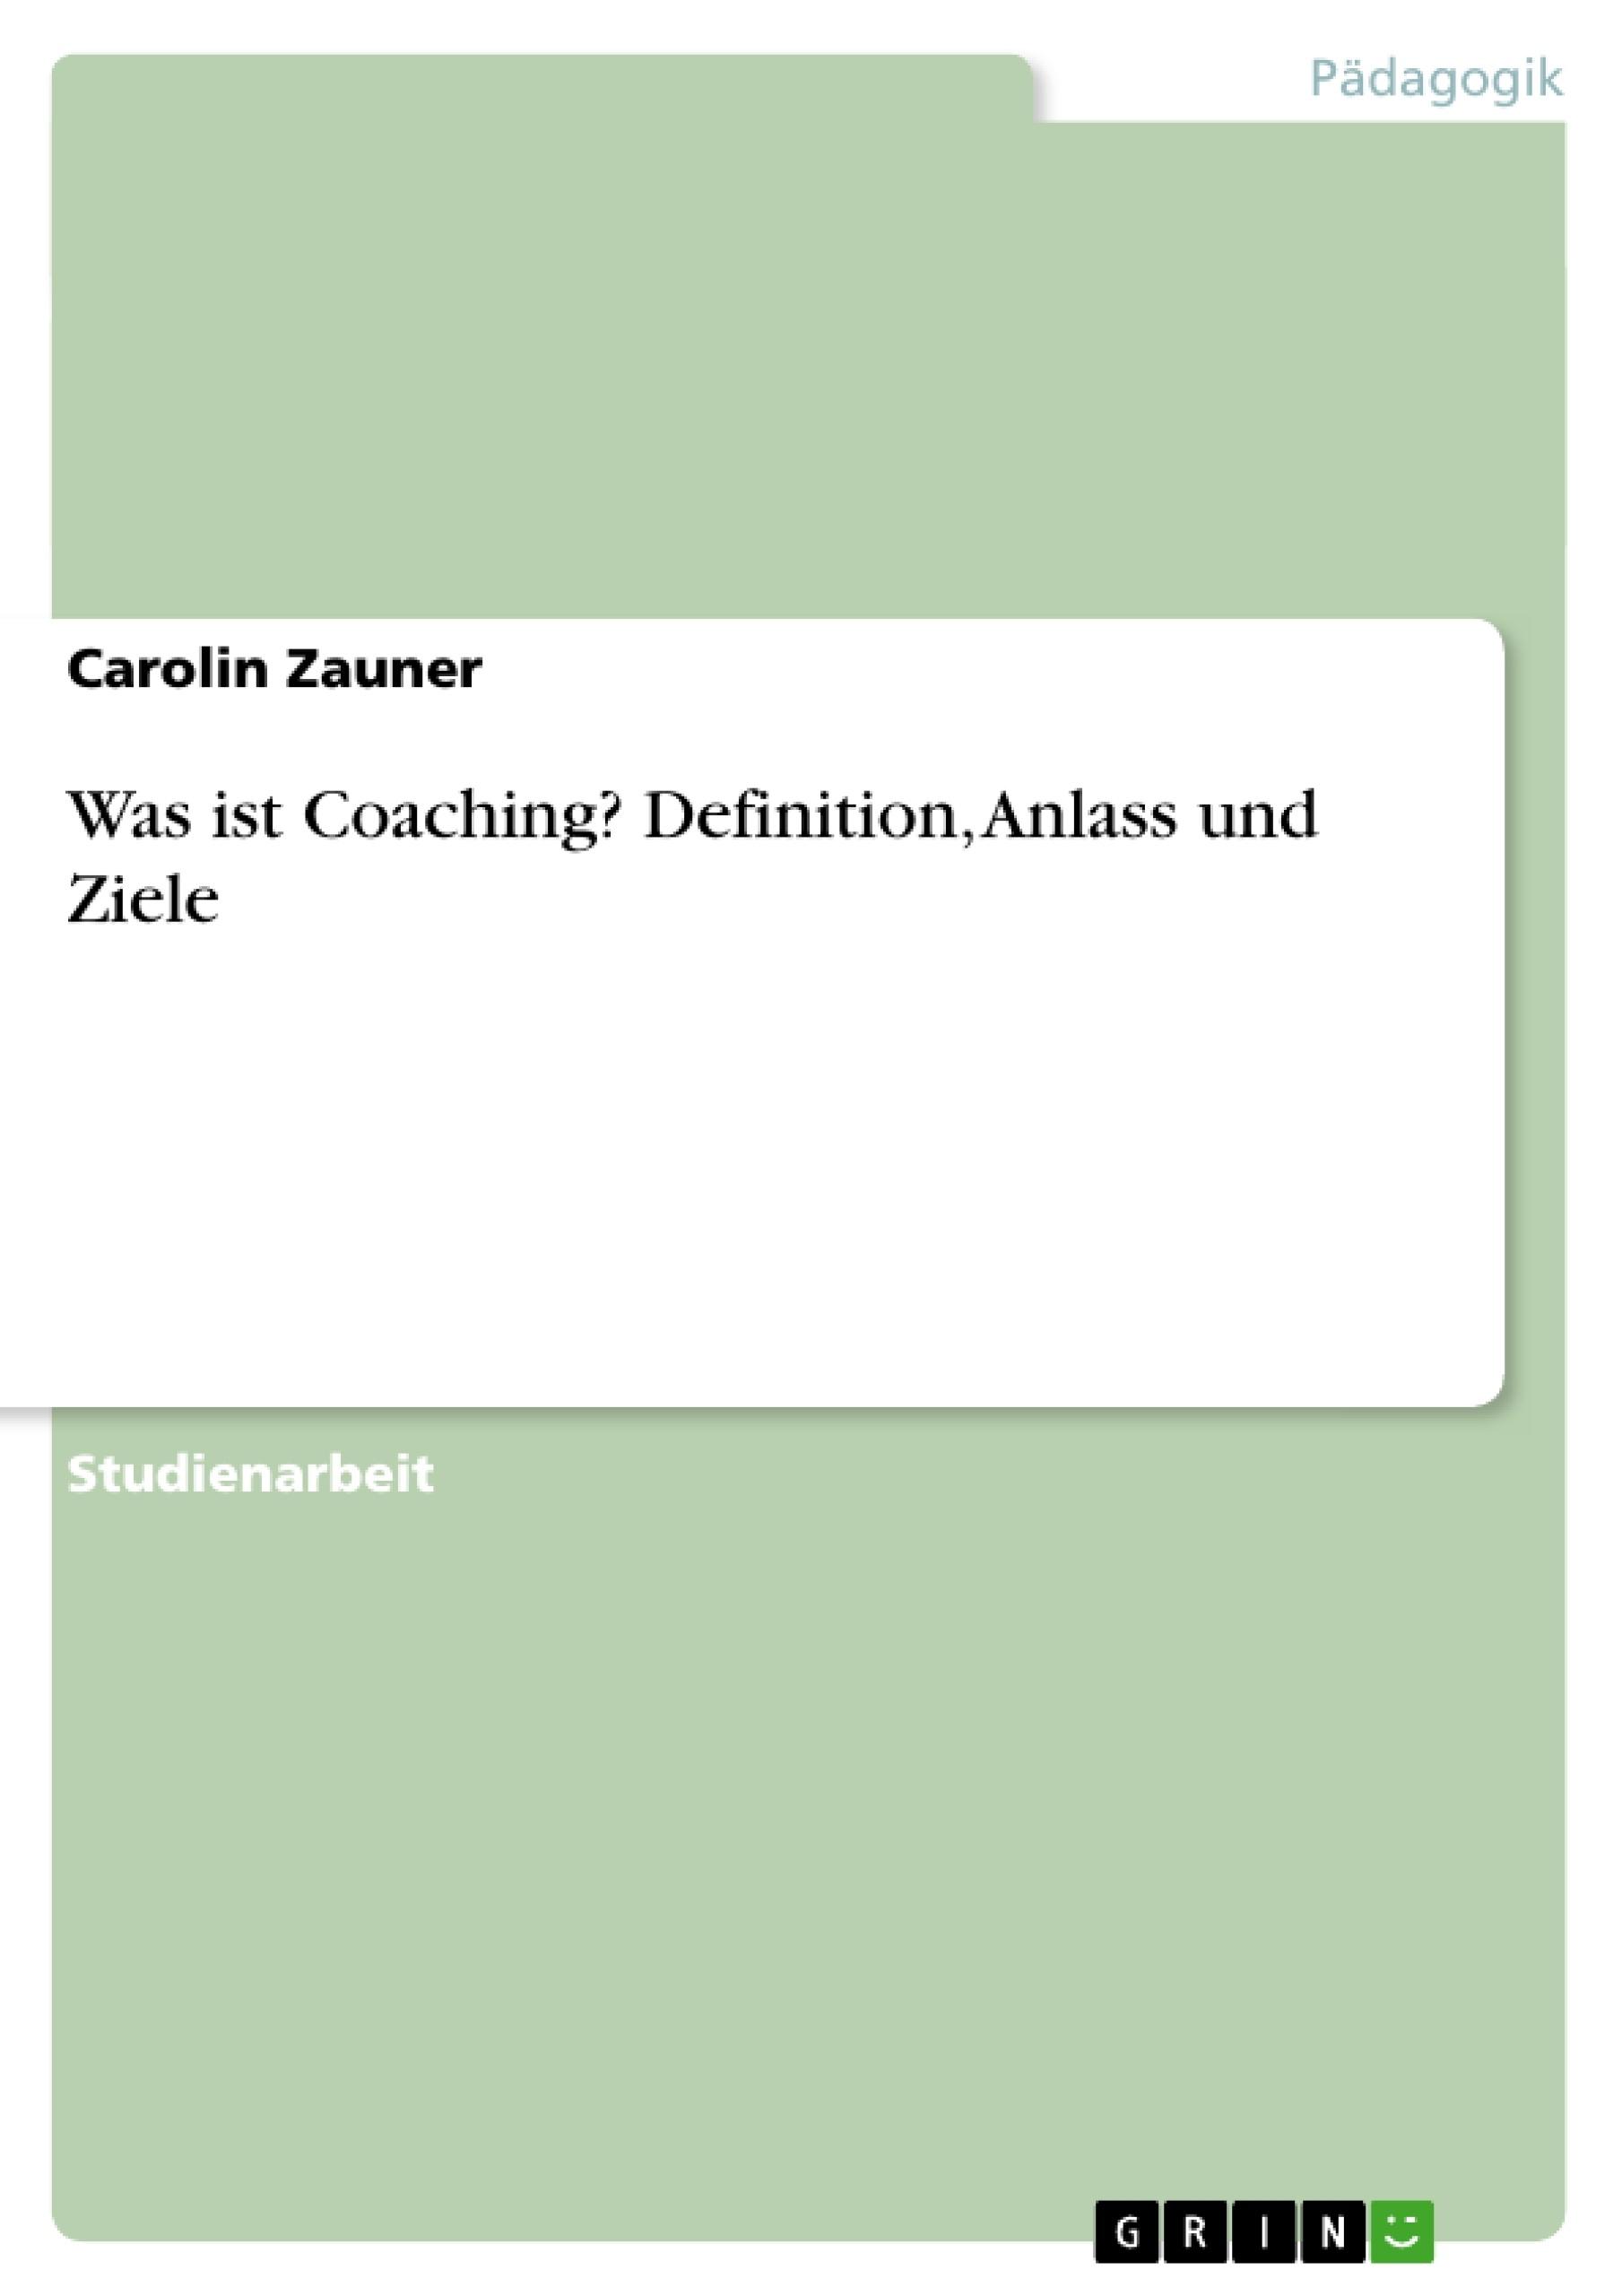 Titel: Was ist Coaching? Definition, Anlass und Ziele